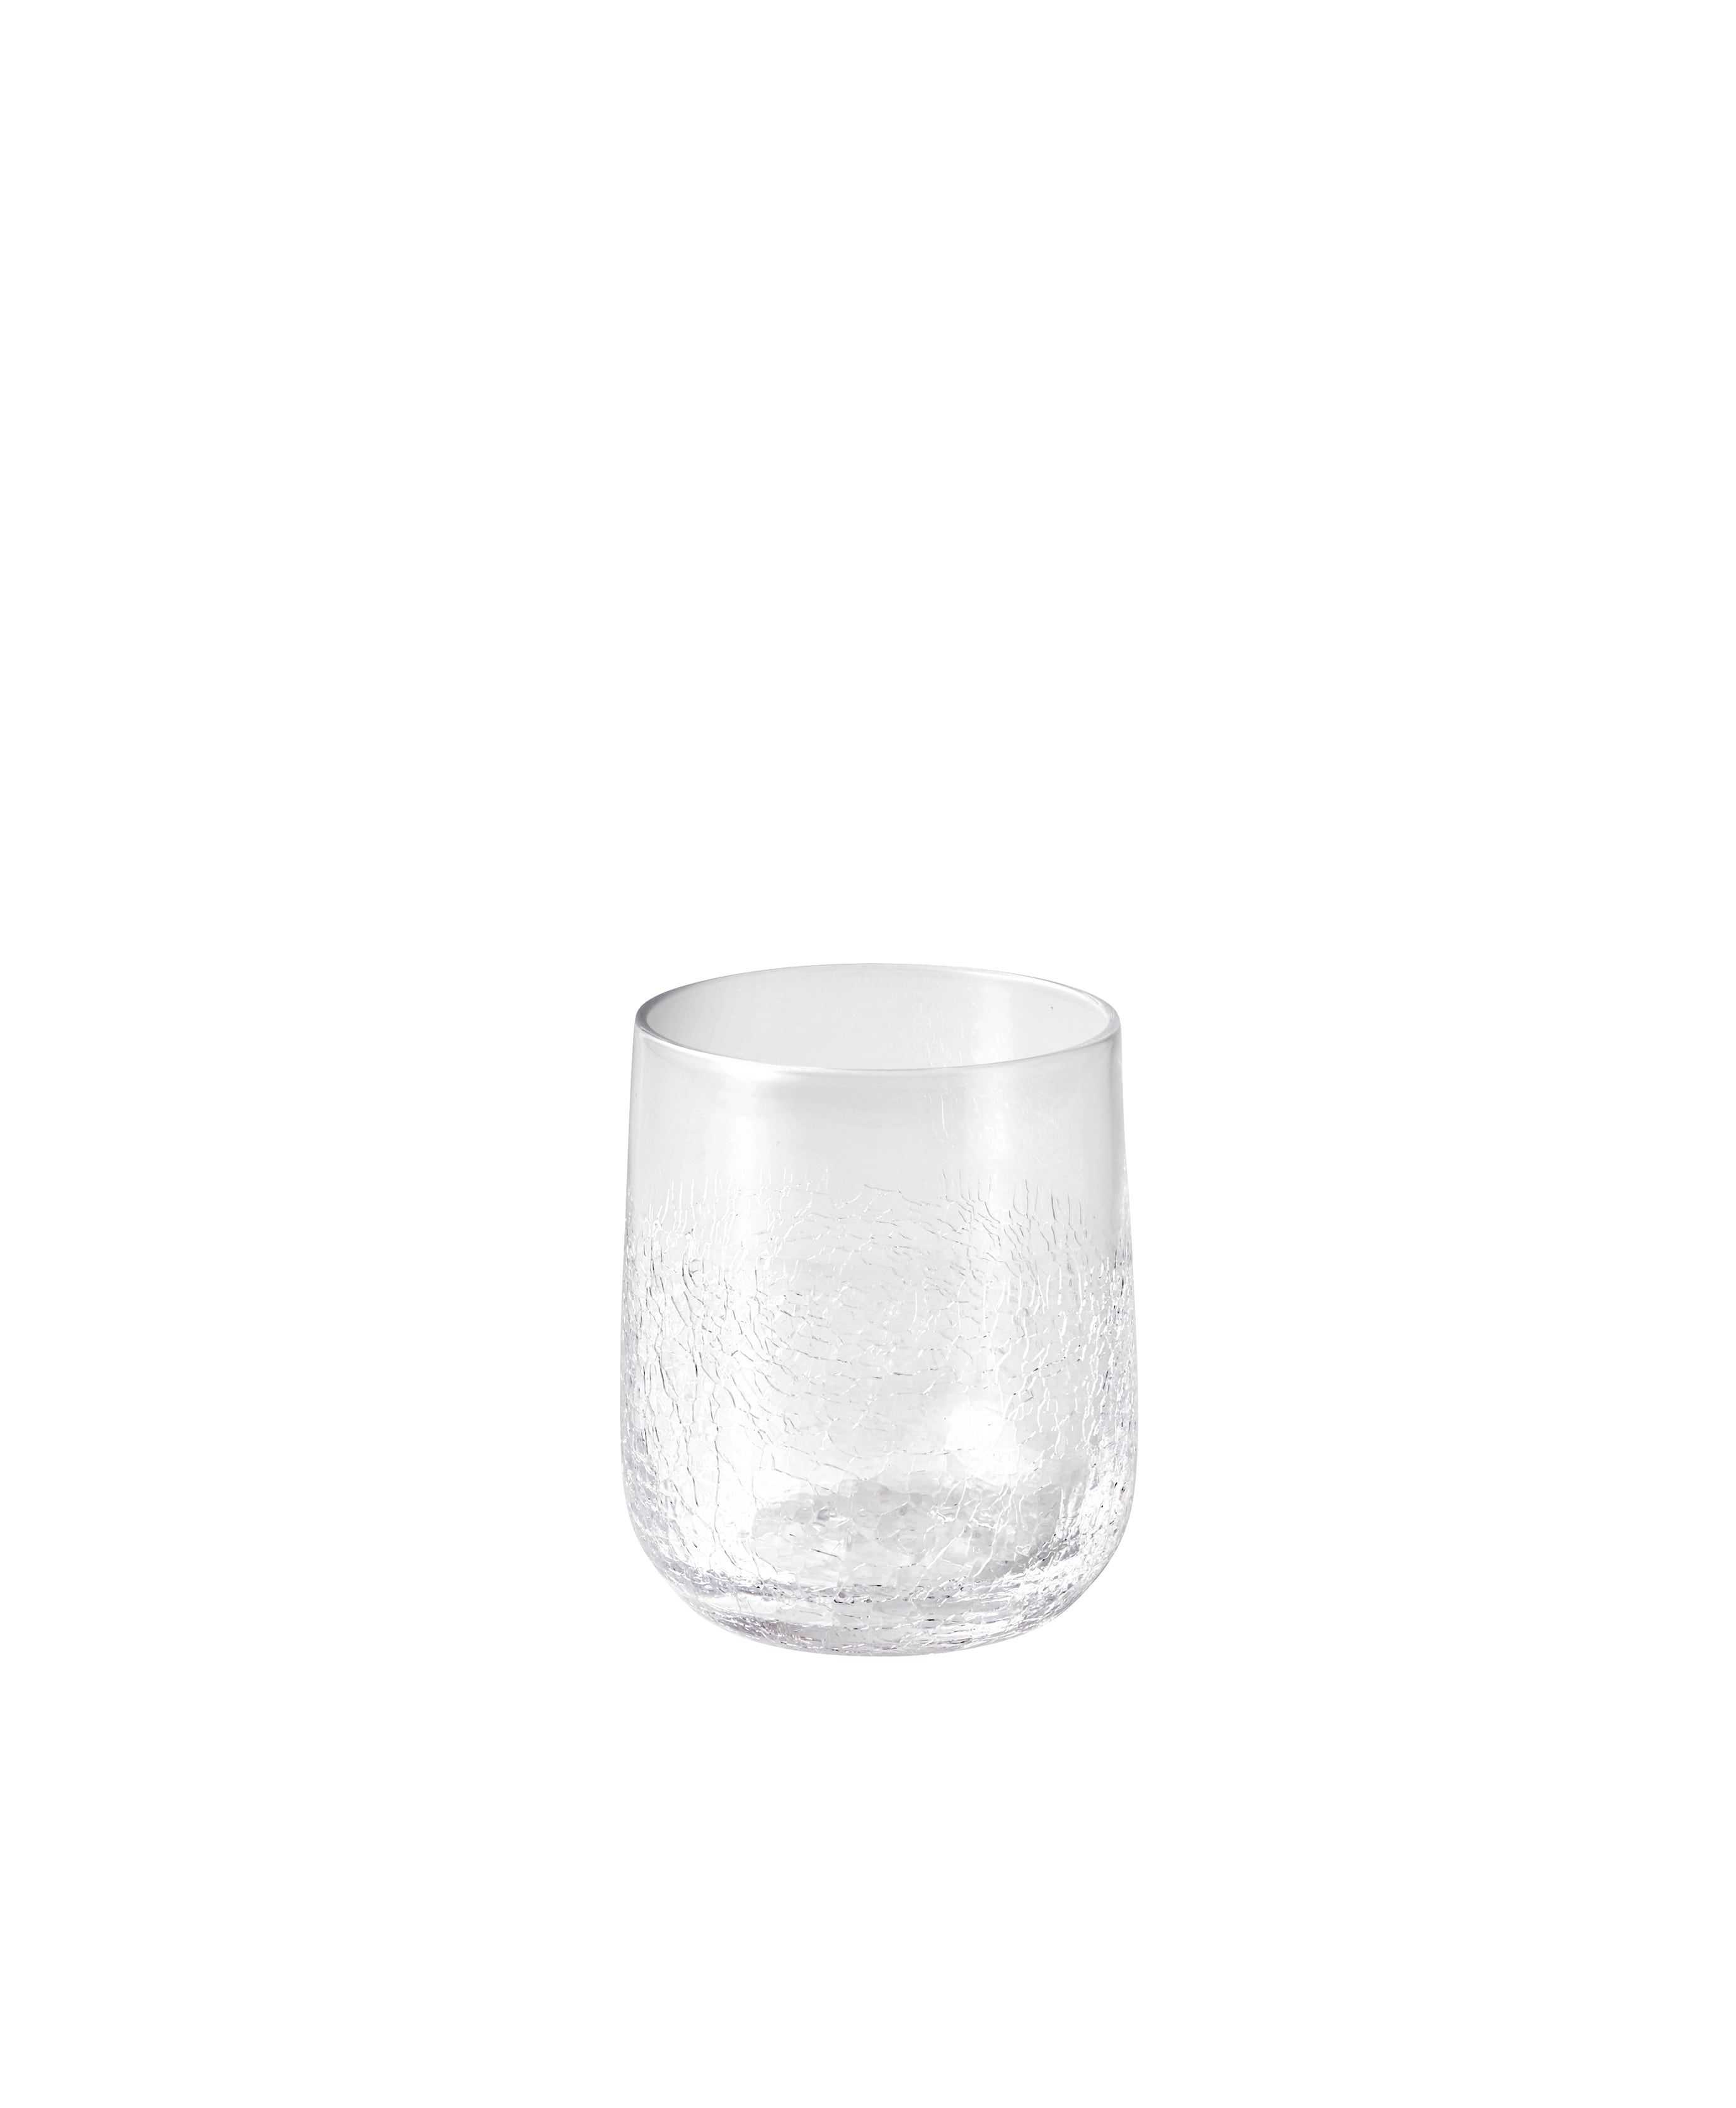 つぼみ酒グラス ヒビ貫入